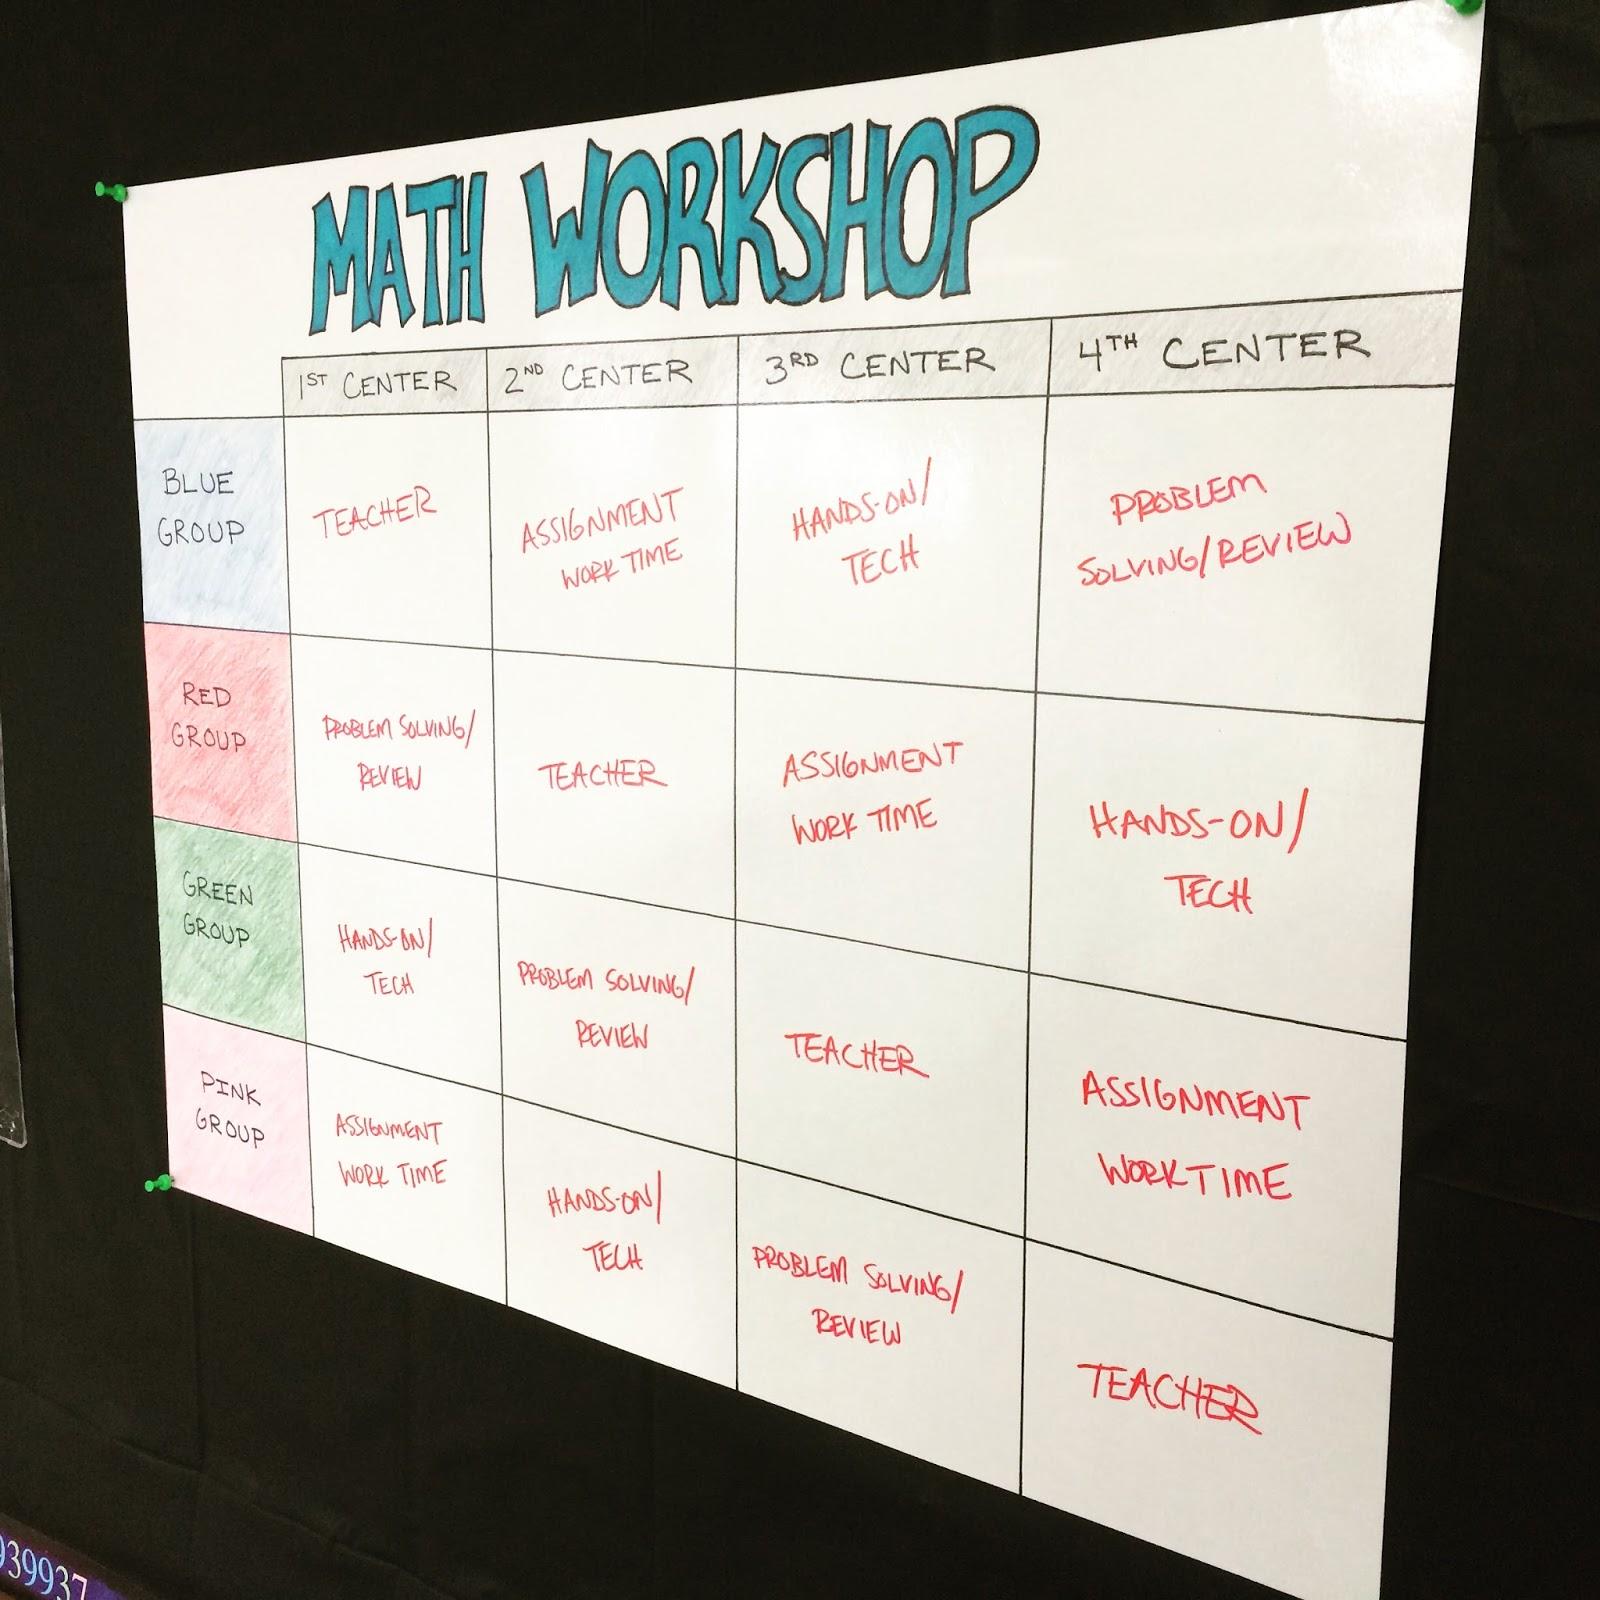 Middle School Math Man: Workshop